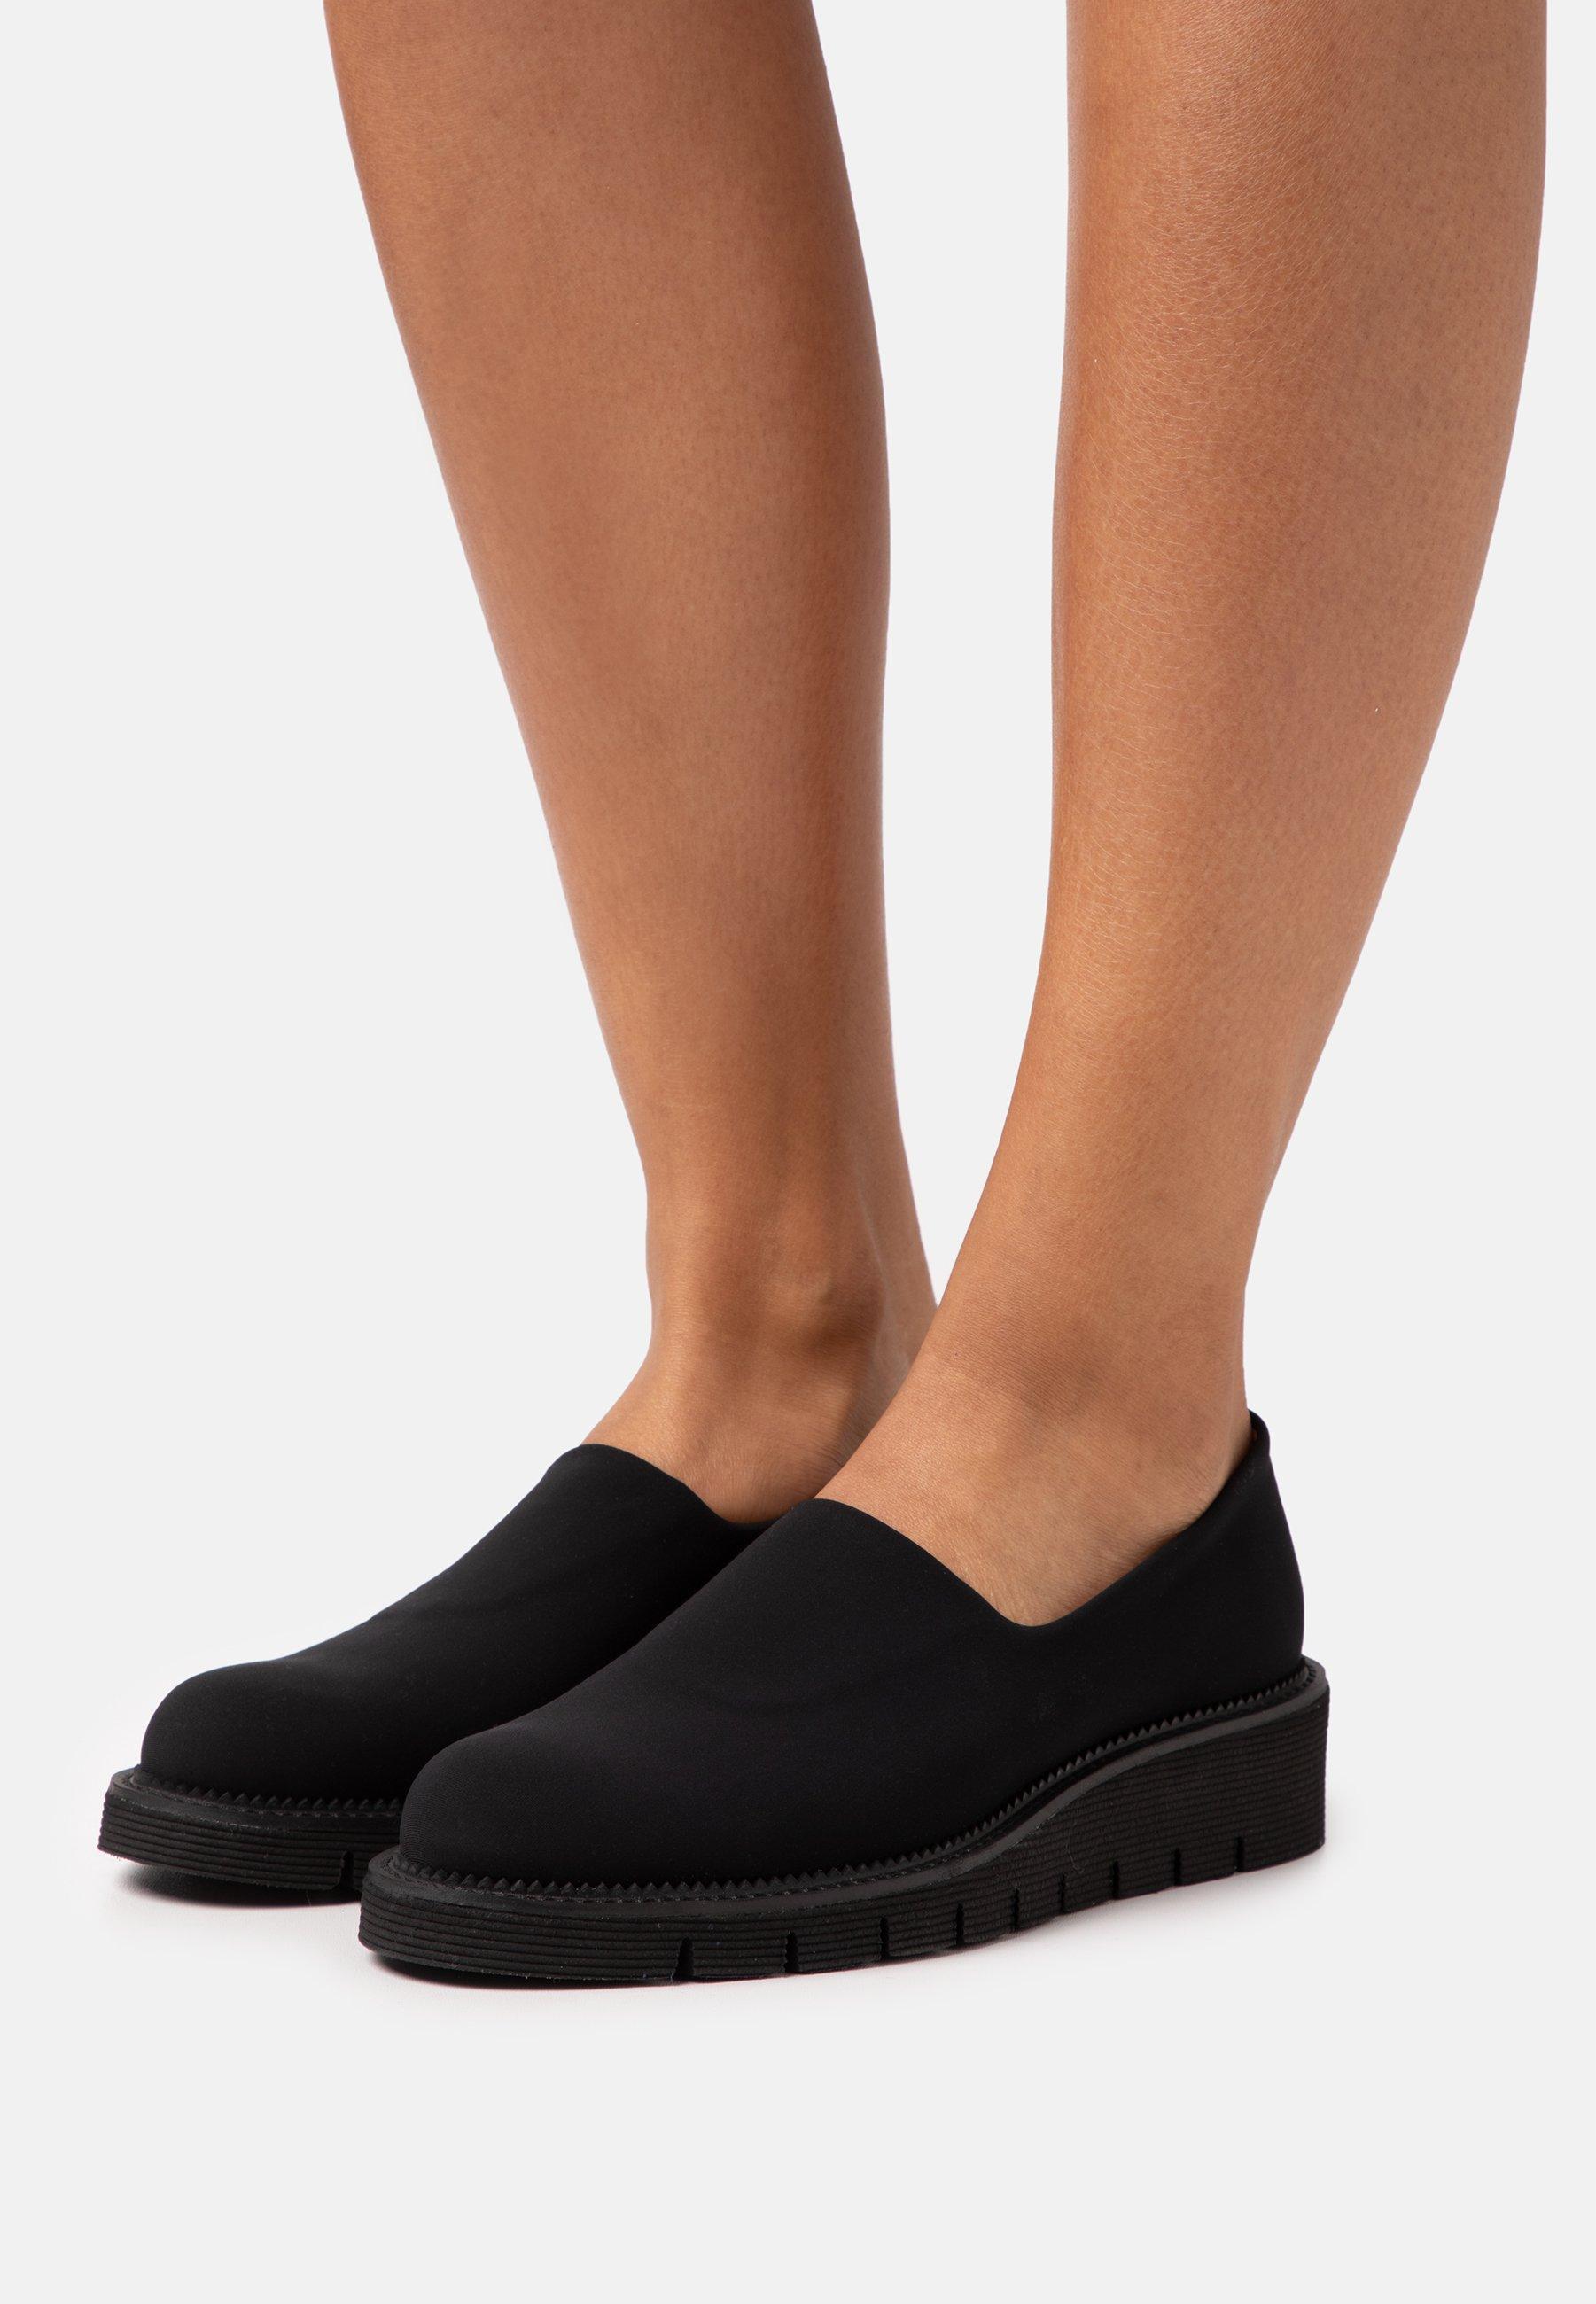 Femme SCOTCH - Escarpins compensés - black